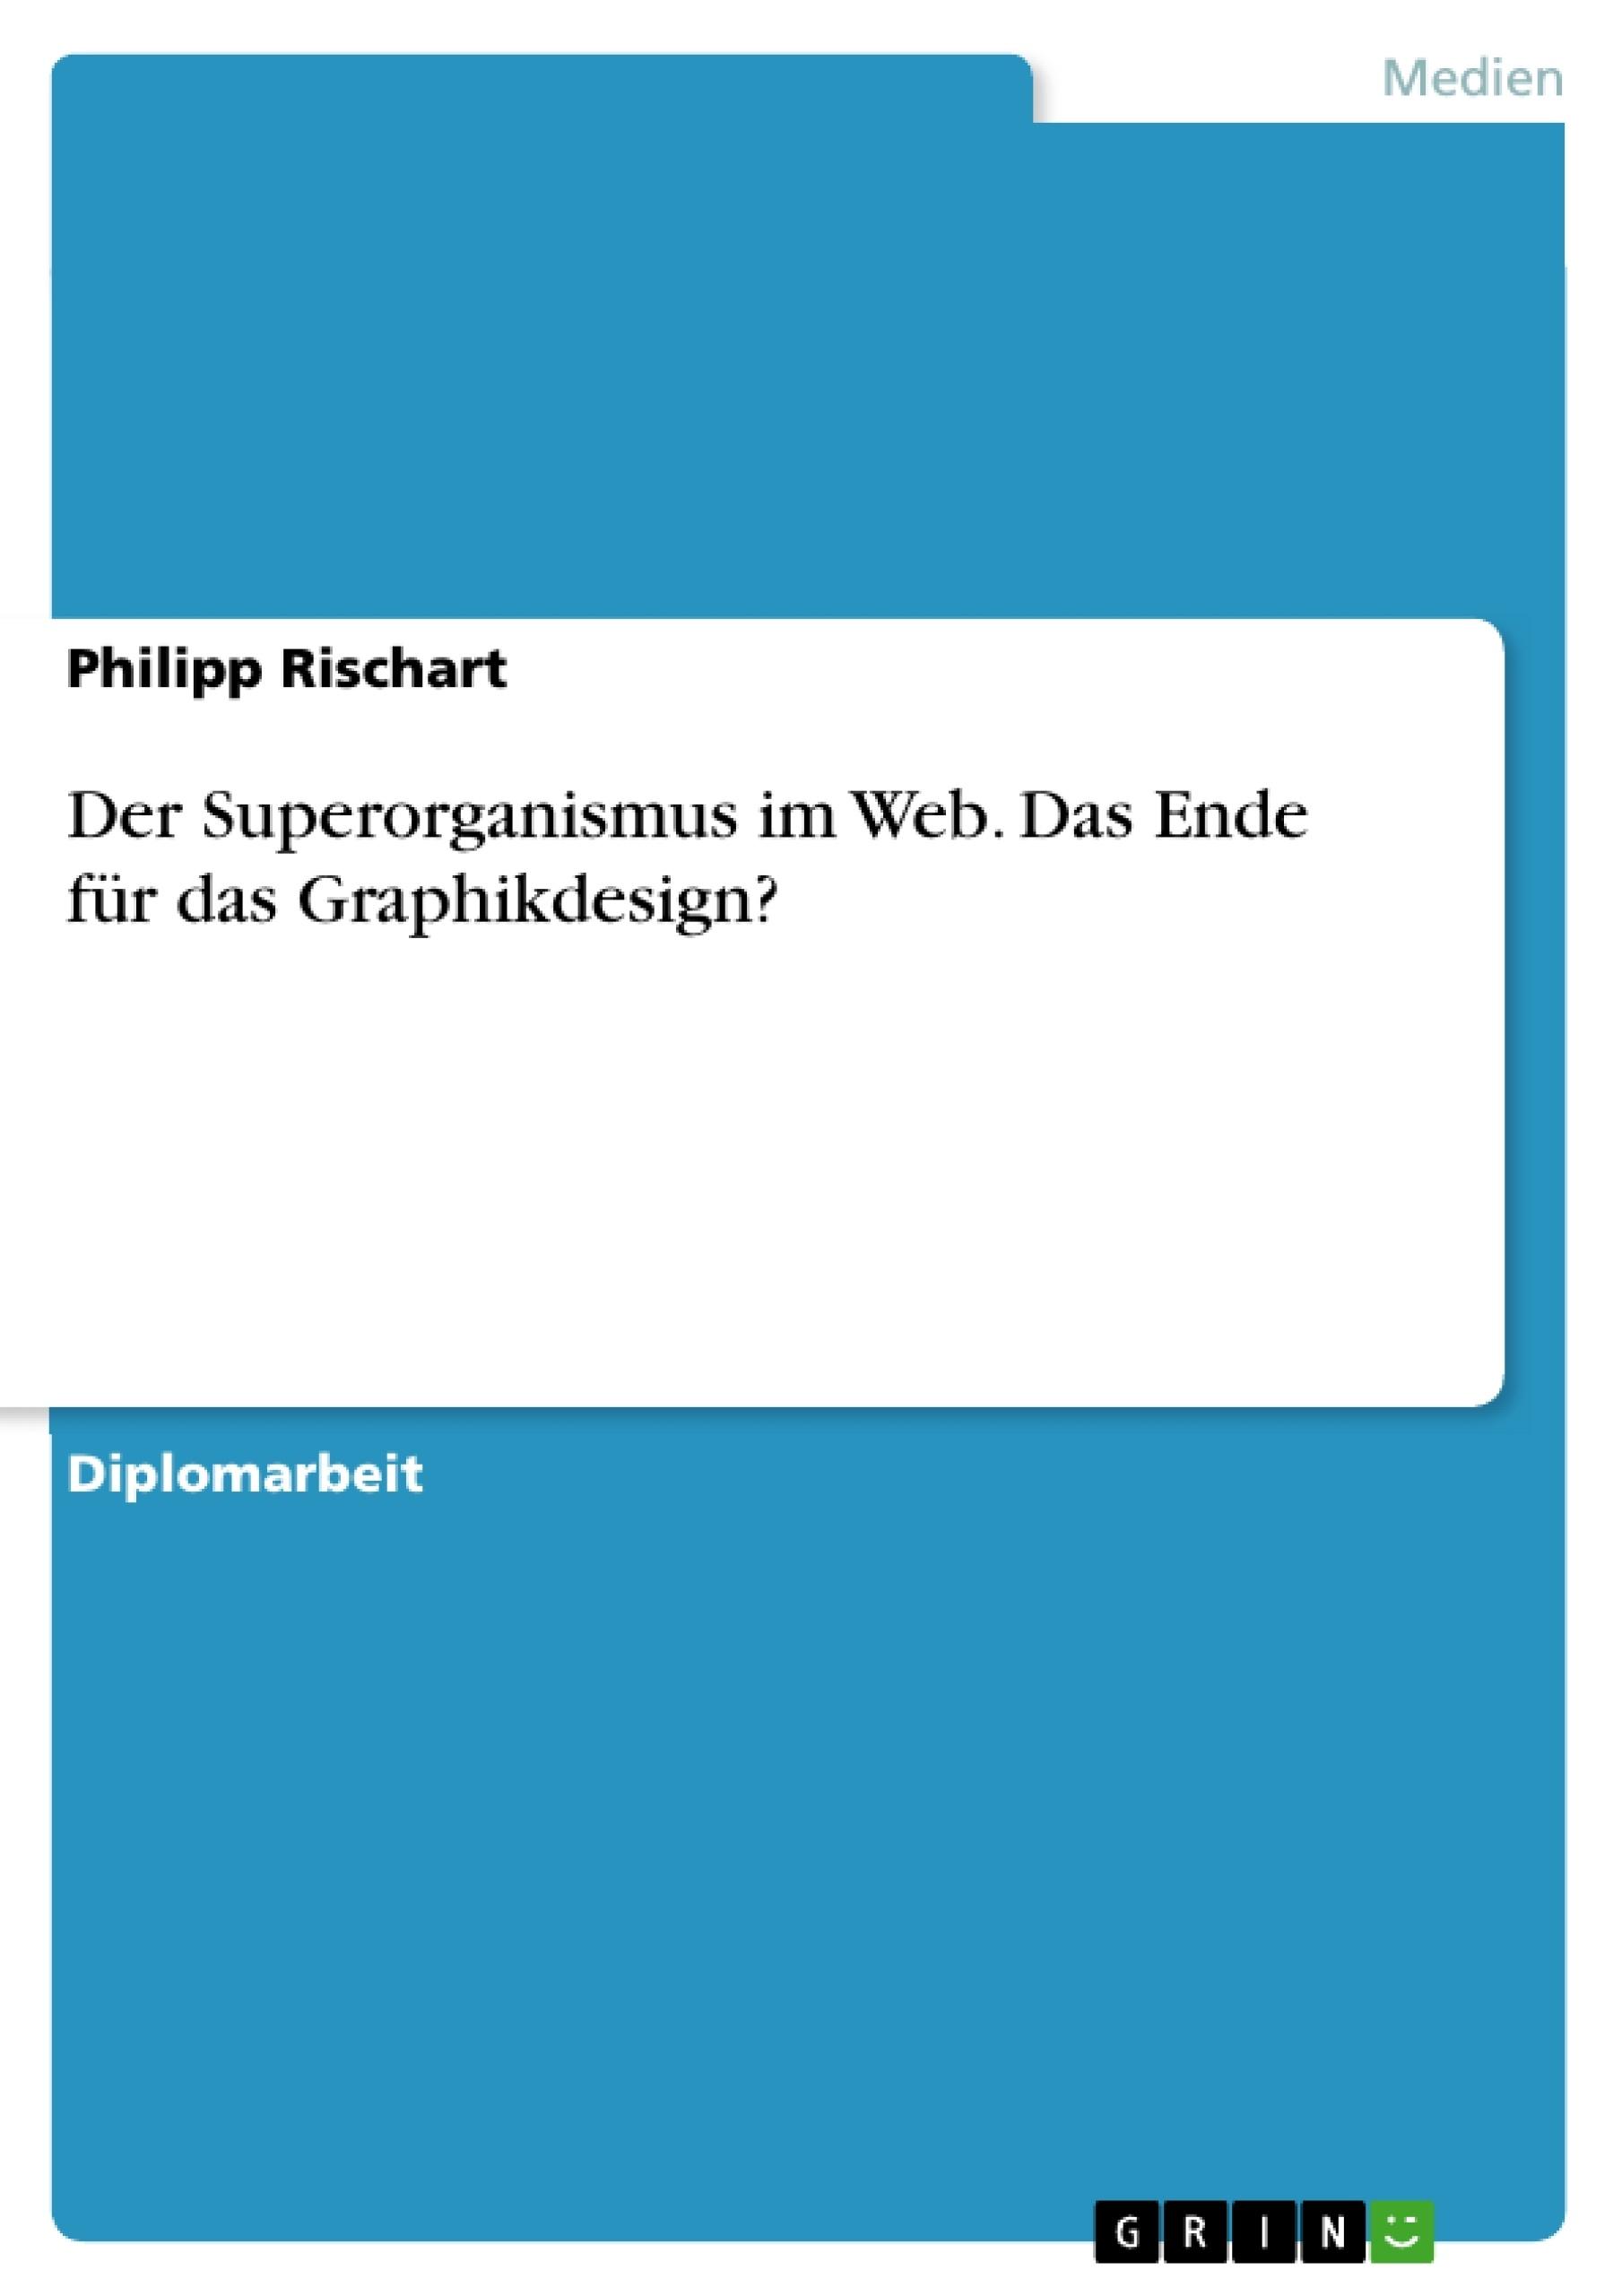 Titel: Der Superorganismus im Web. Das Ende für das Graphikdesign?